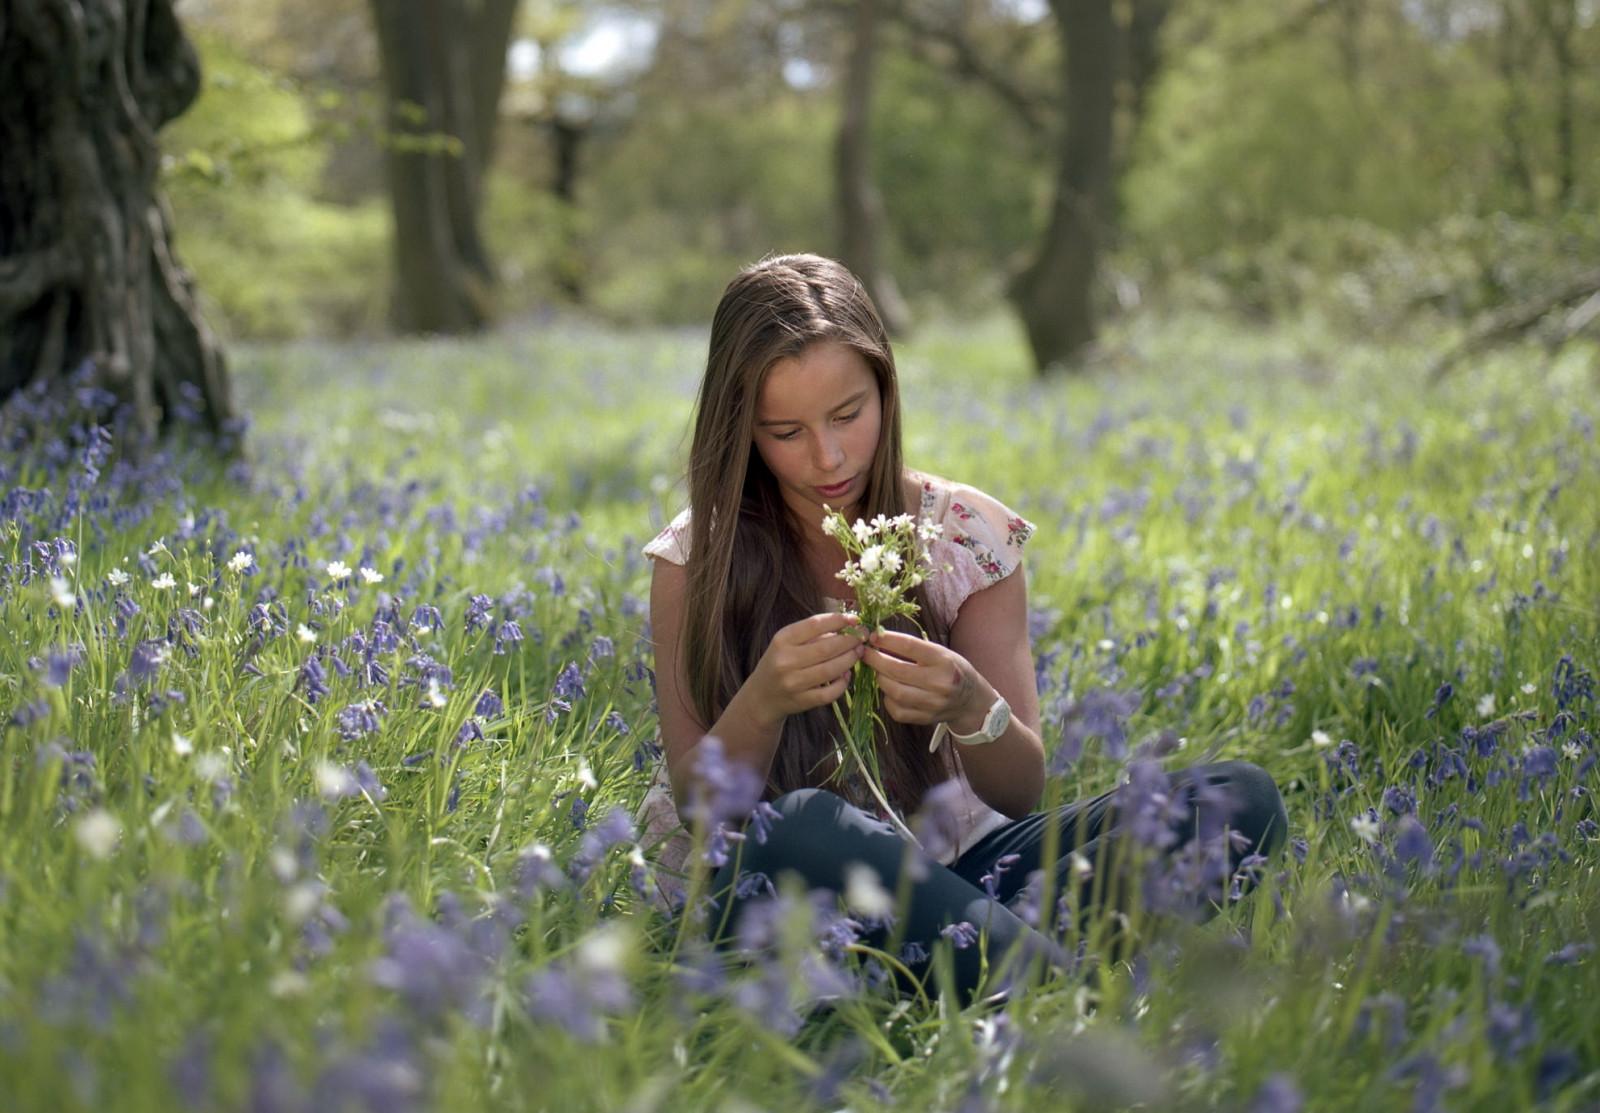 Картинки красивые девушки на природе, картинки аву